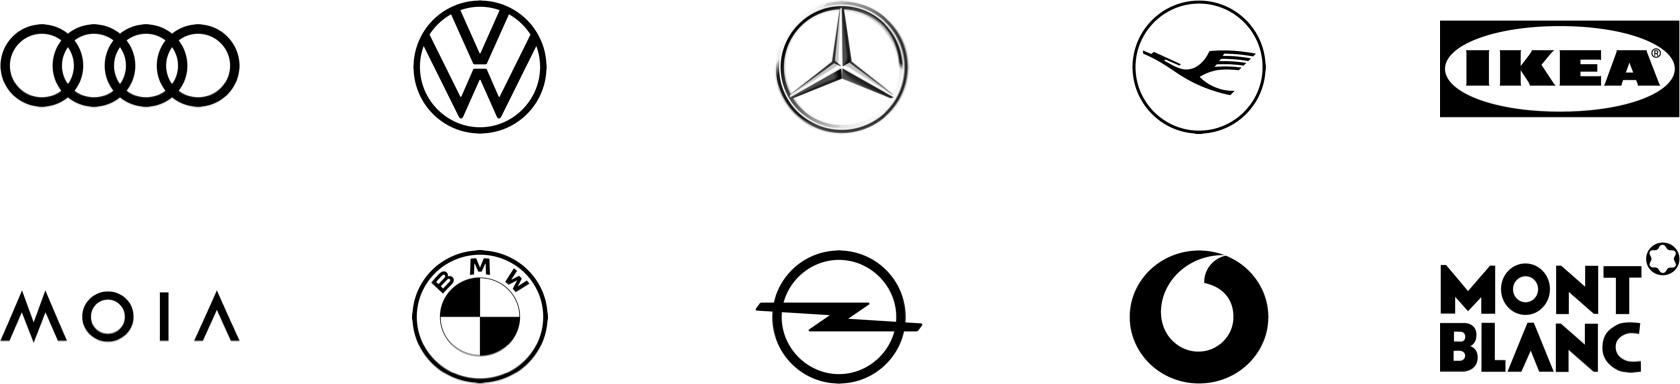 nikopelz_brands-1